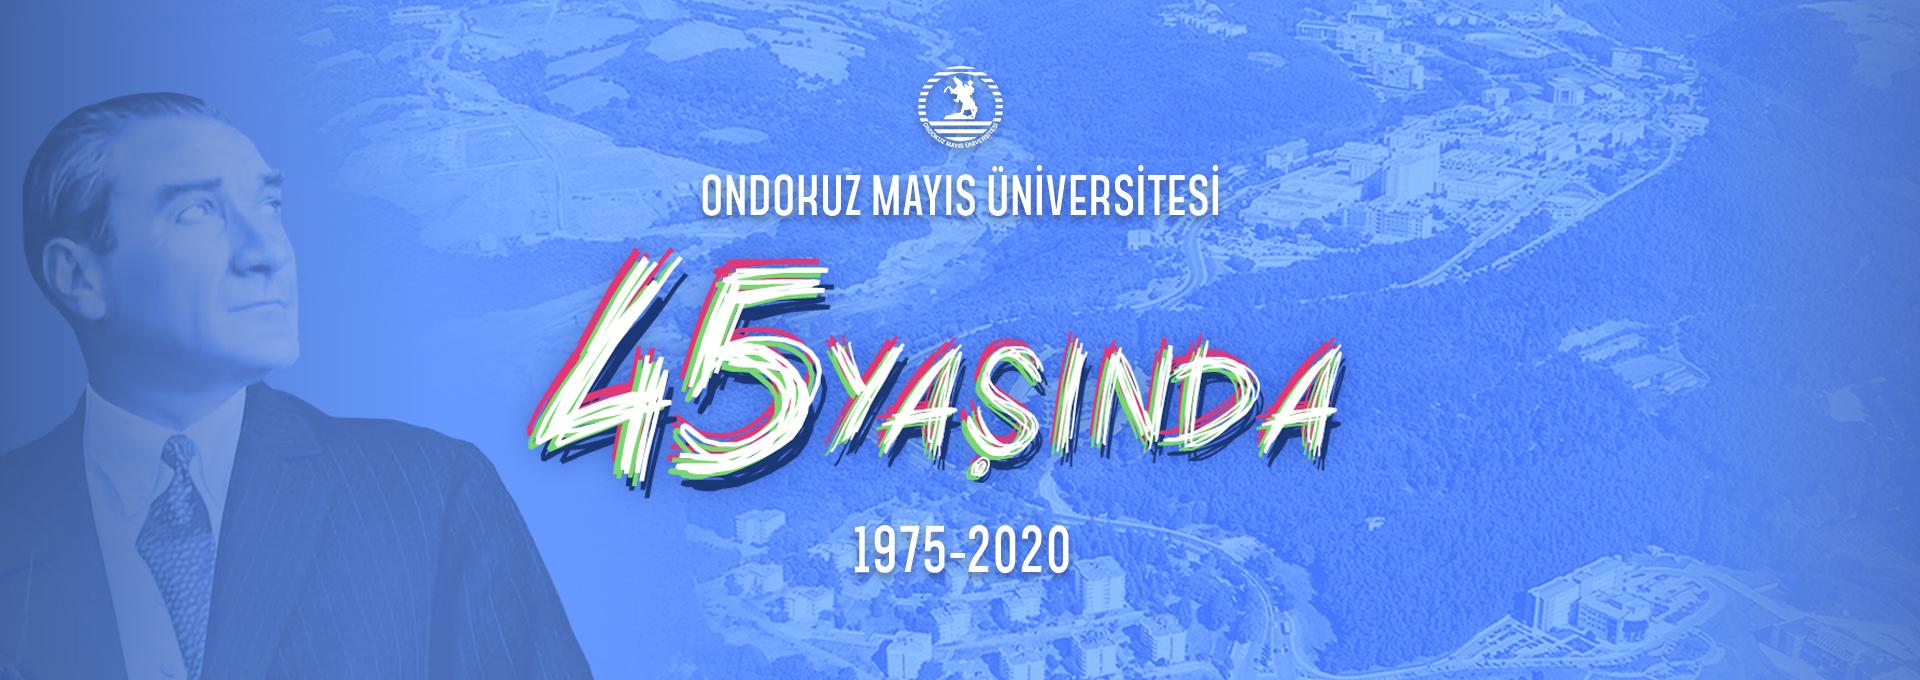 Ondokuz Mayıs Üniversitesi 45 Yaşında